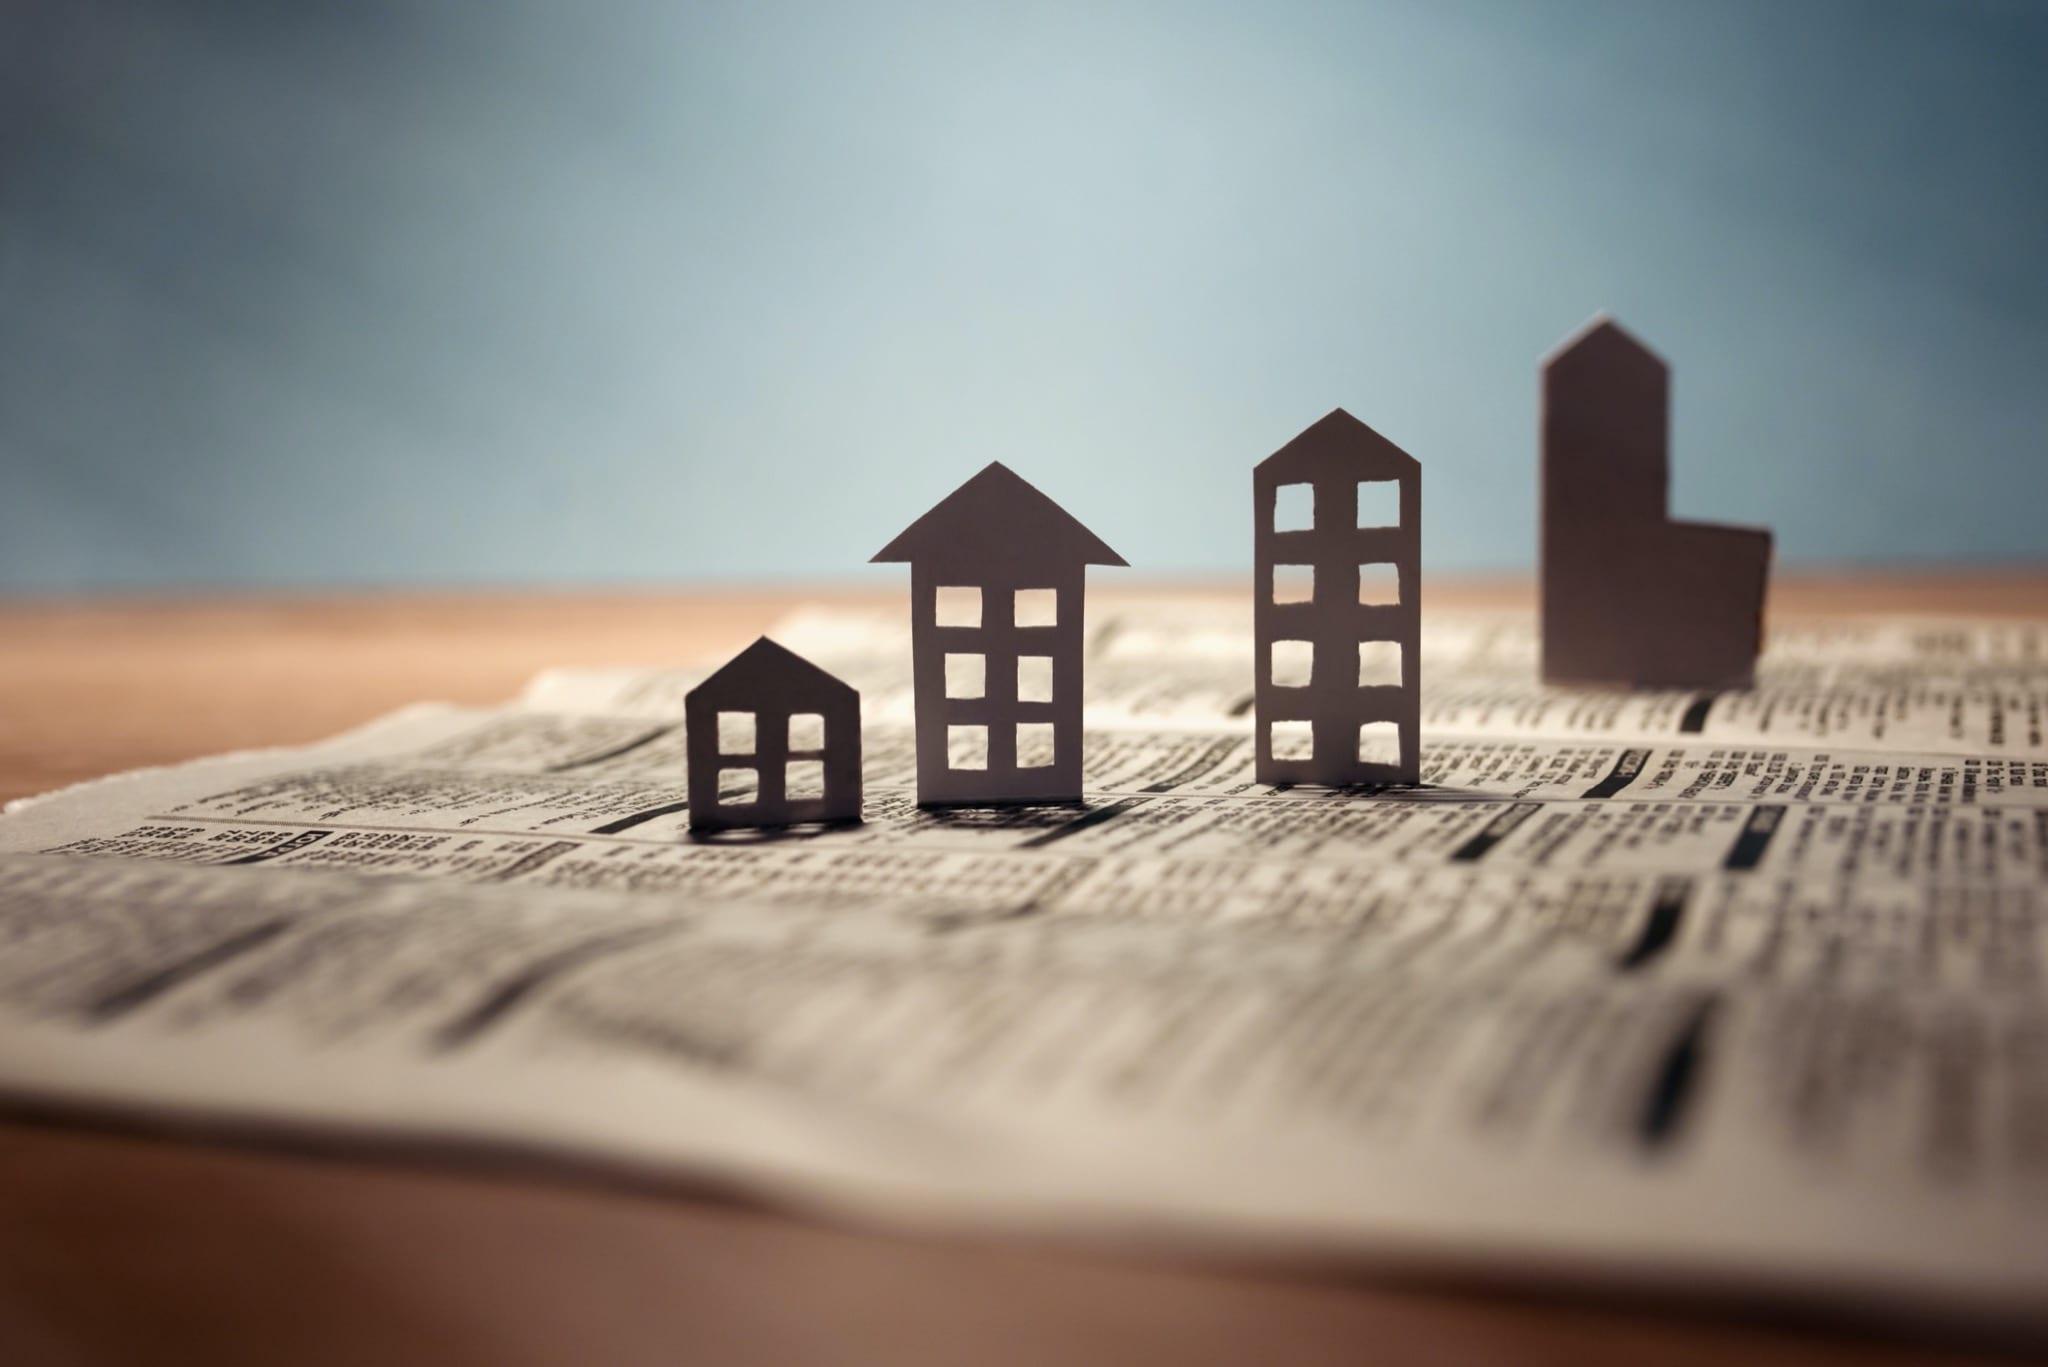 imobiliare - Analiză: Ritm dinamic pentru tranzacțiile imobiliare în drumul spre miliardul de euro